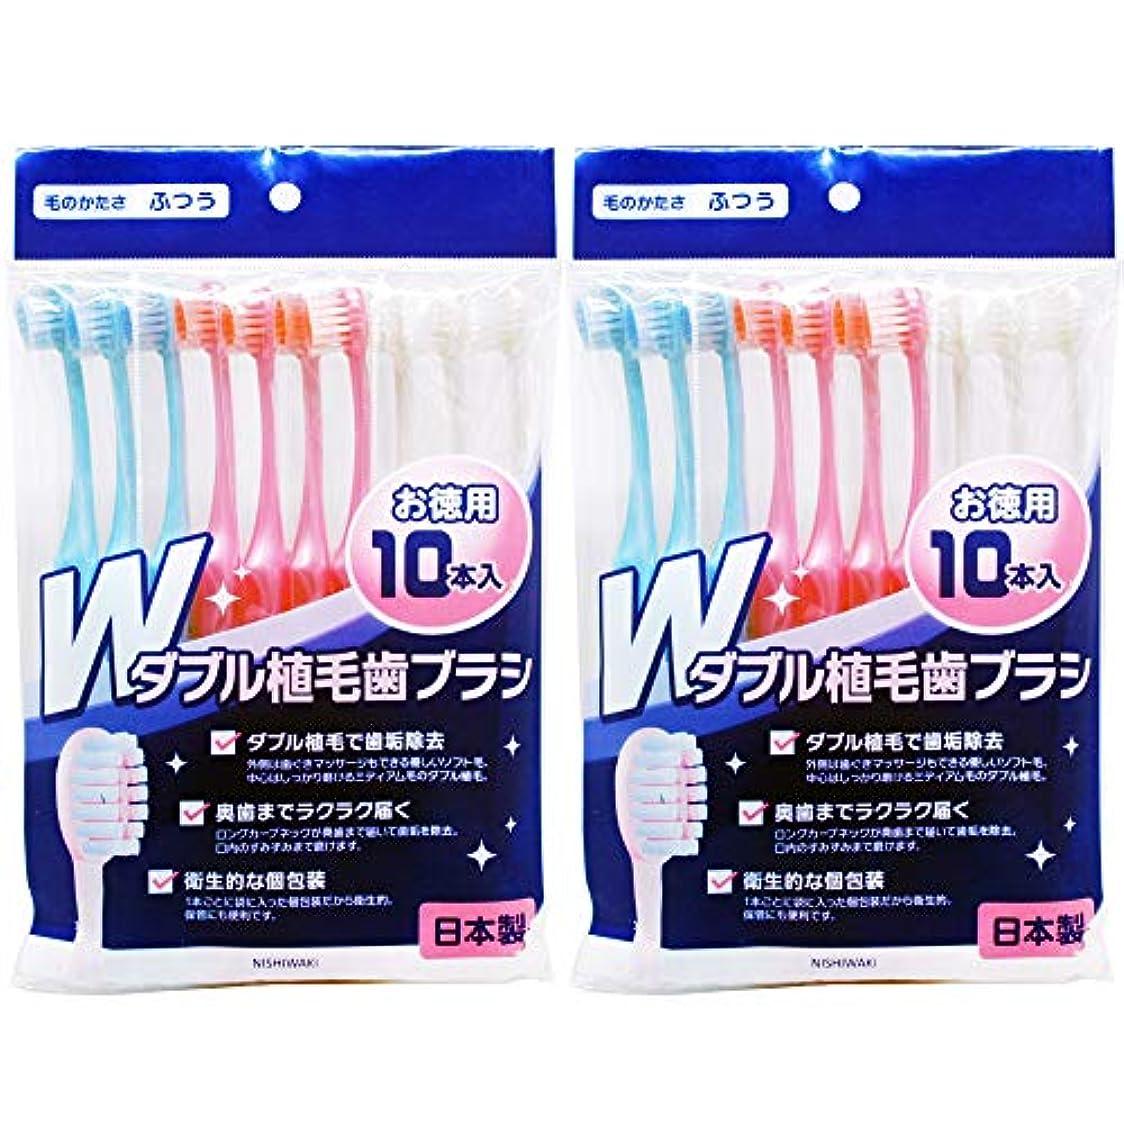 層祈るひねり歯ブラシ 日本製 20本セット「外側やわらか植毛歯ブラシ」